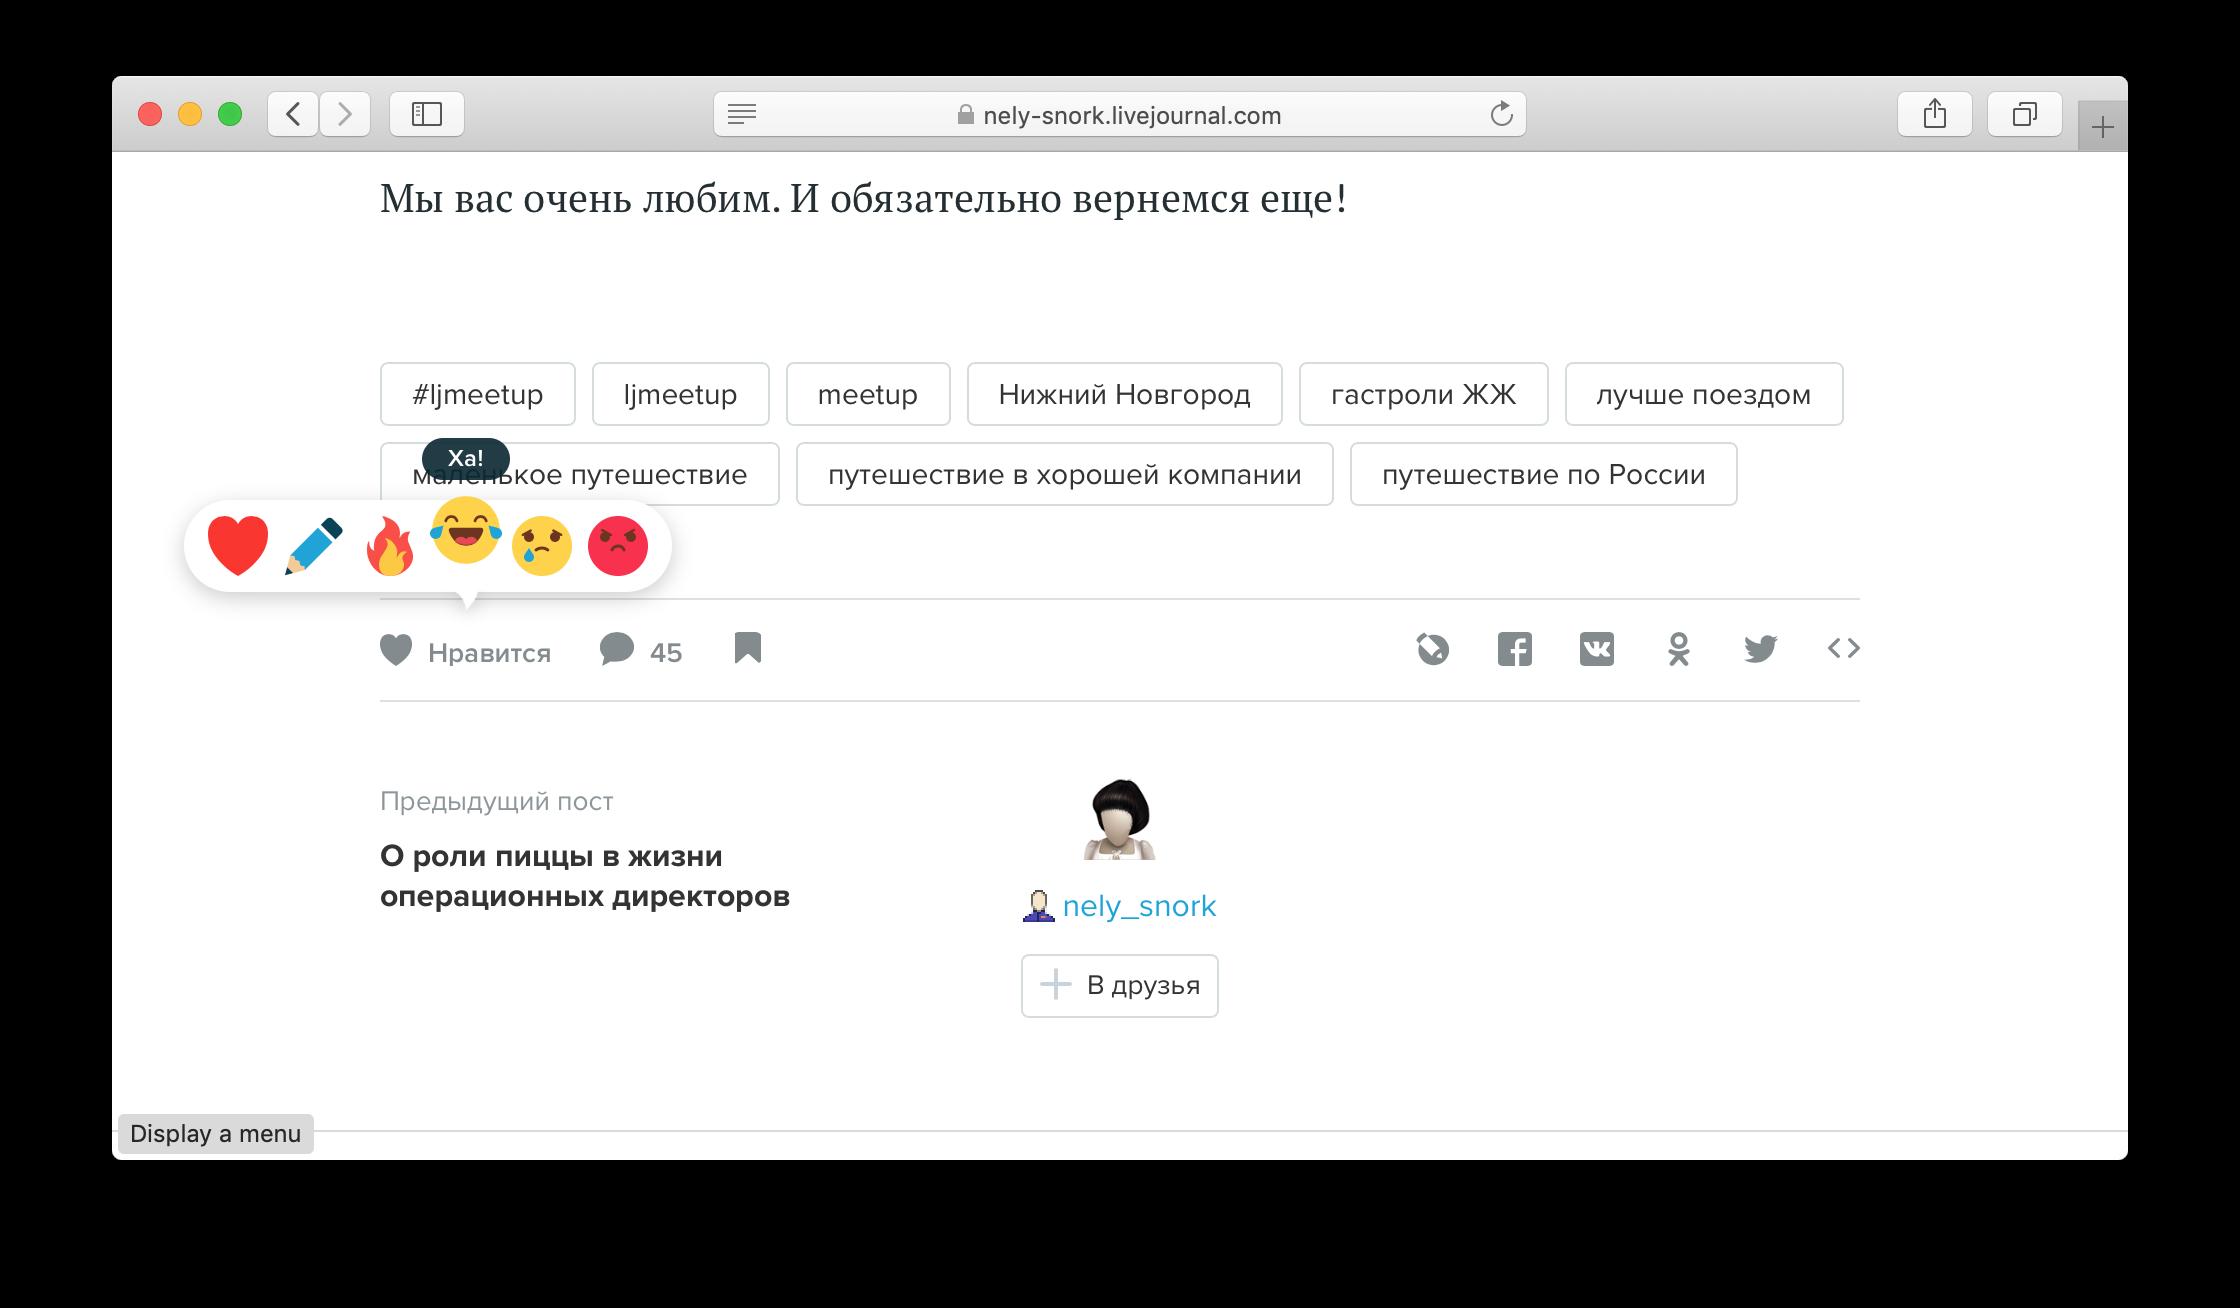 Живой Журнал запустил реакции